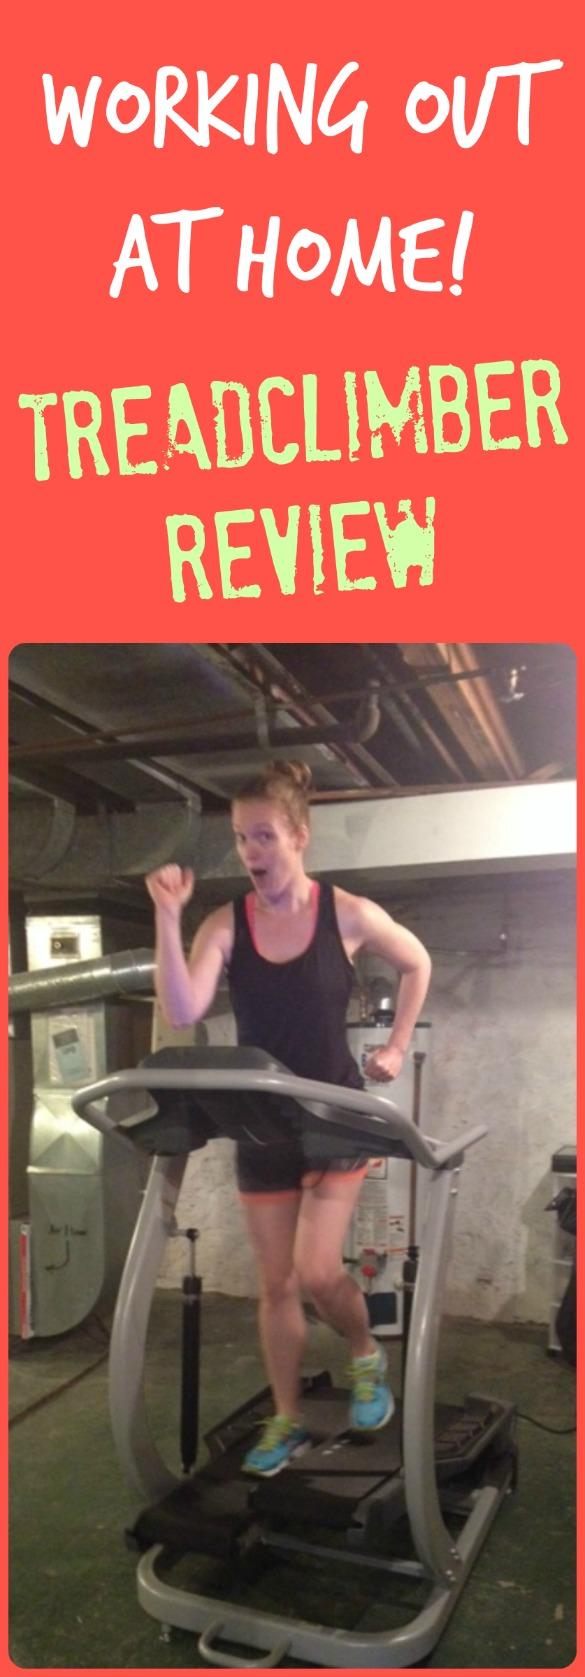 Bowflex Treadclimber Review